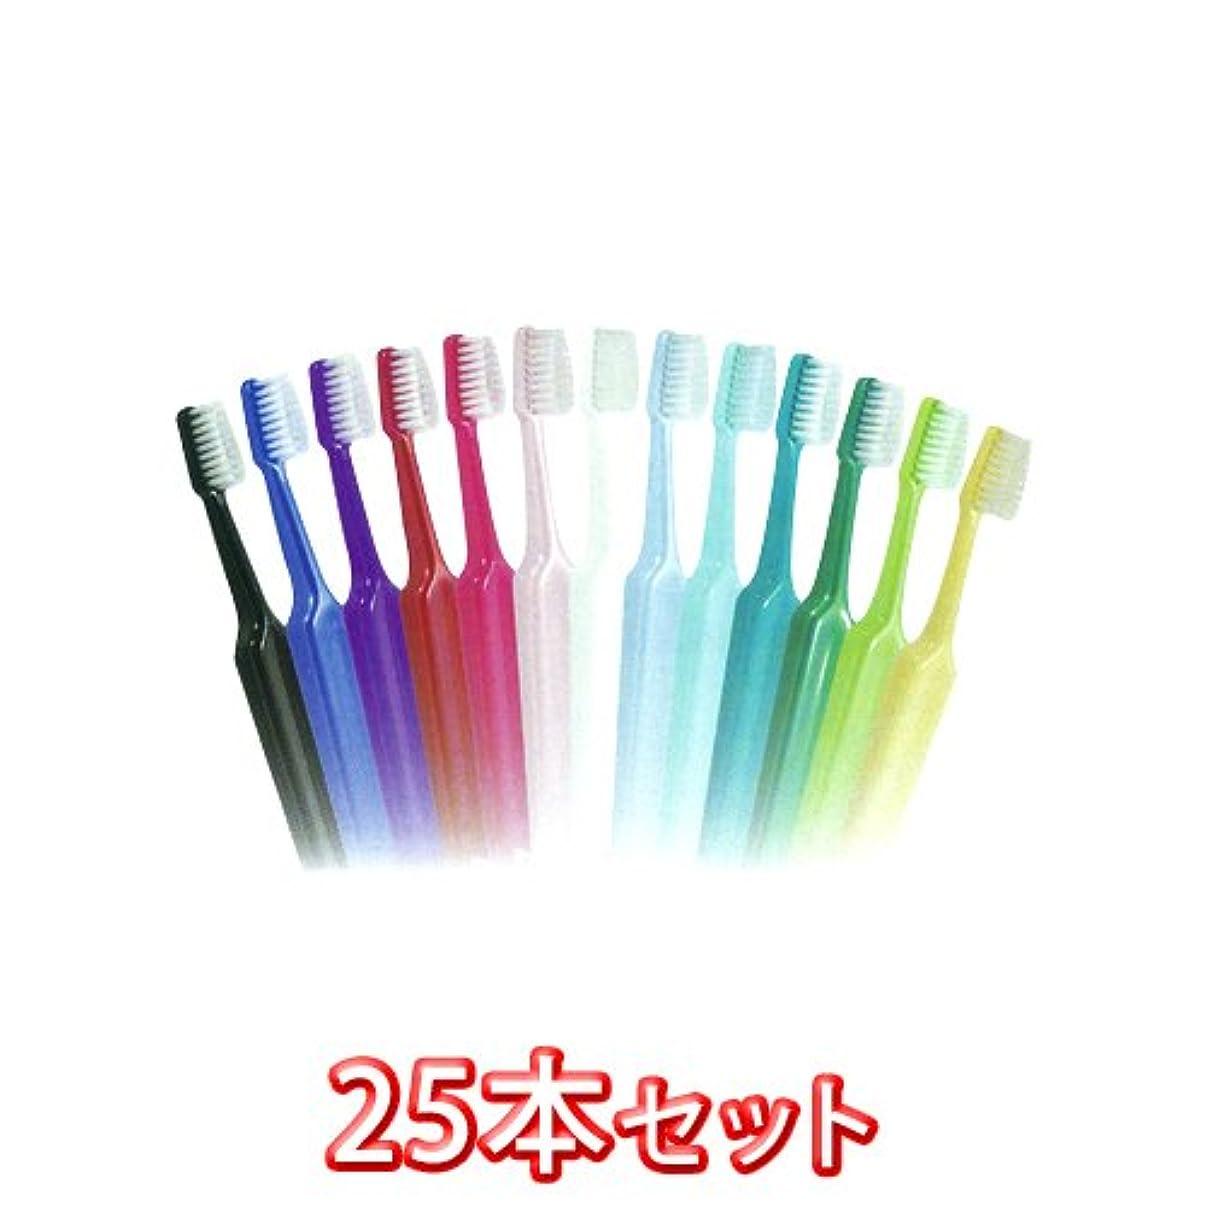 TePe テペ セレクトエクストラソフト 歯ブラシ 25本入